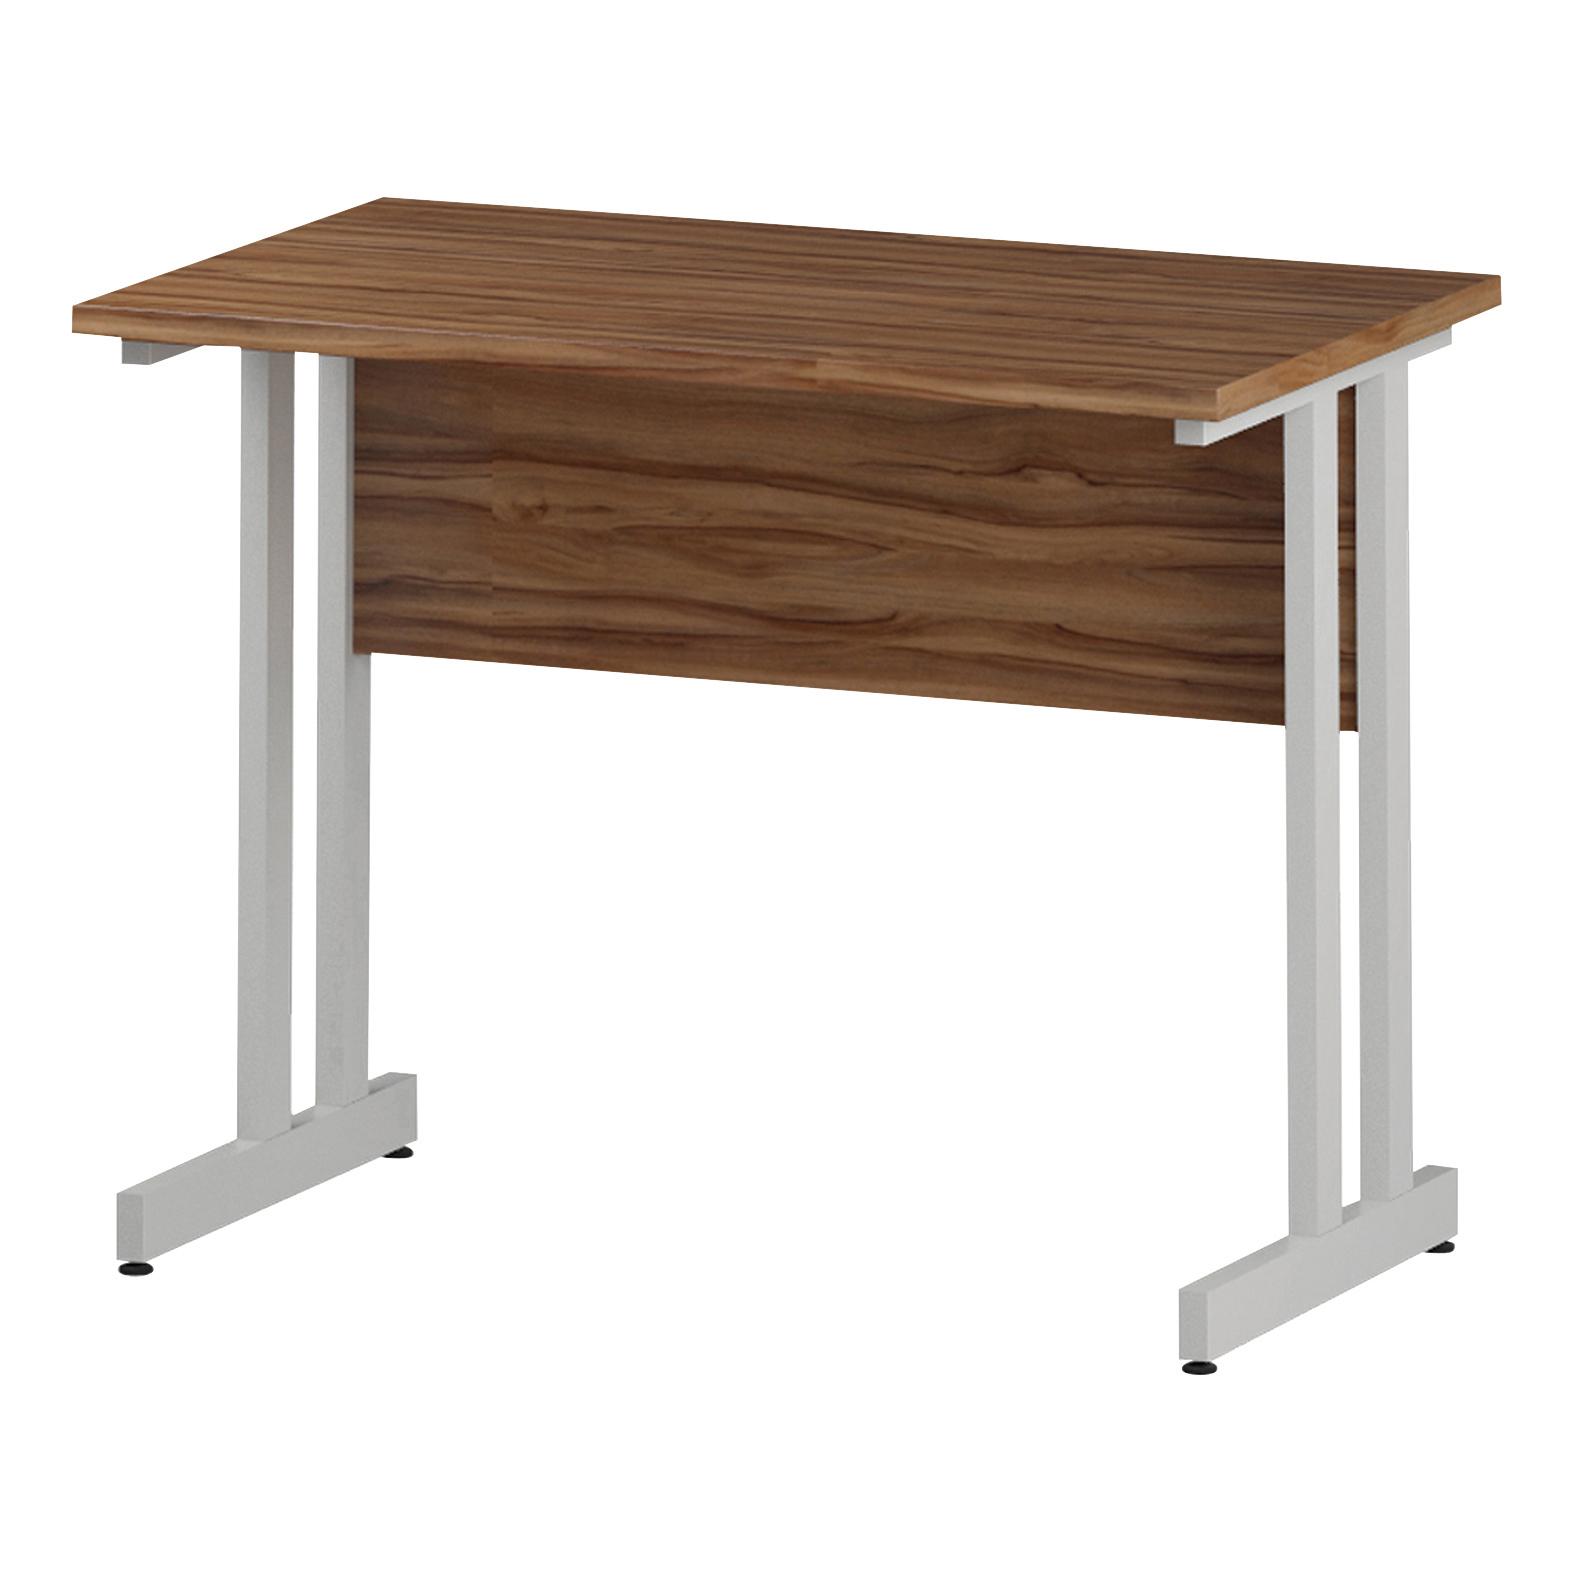 Trexus Rectangular Slim Desk White Cantilever Leg 1000x600mm Walnut Ref I001914